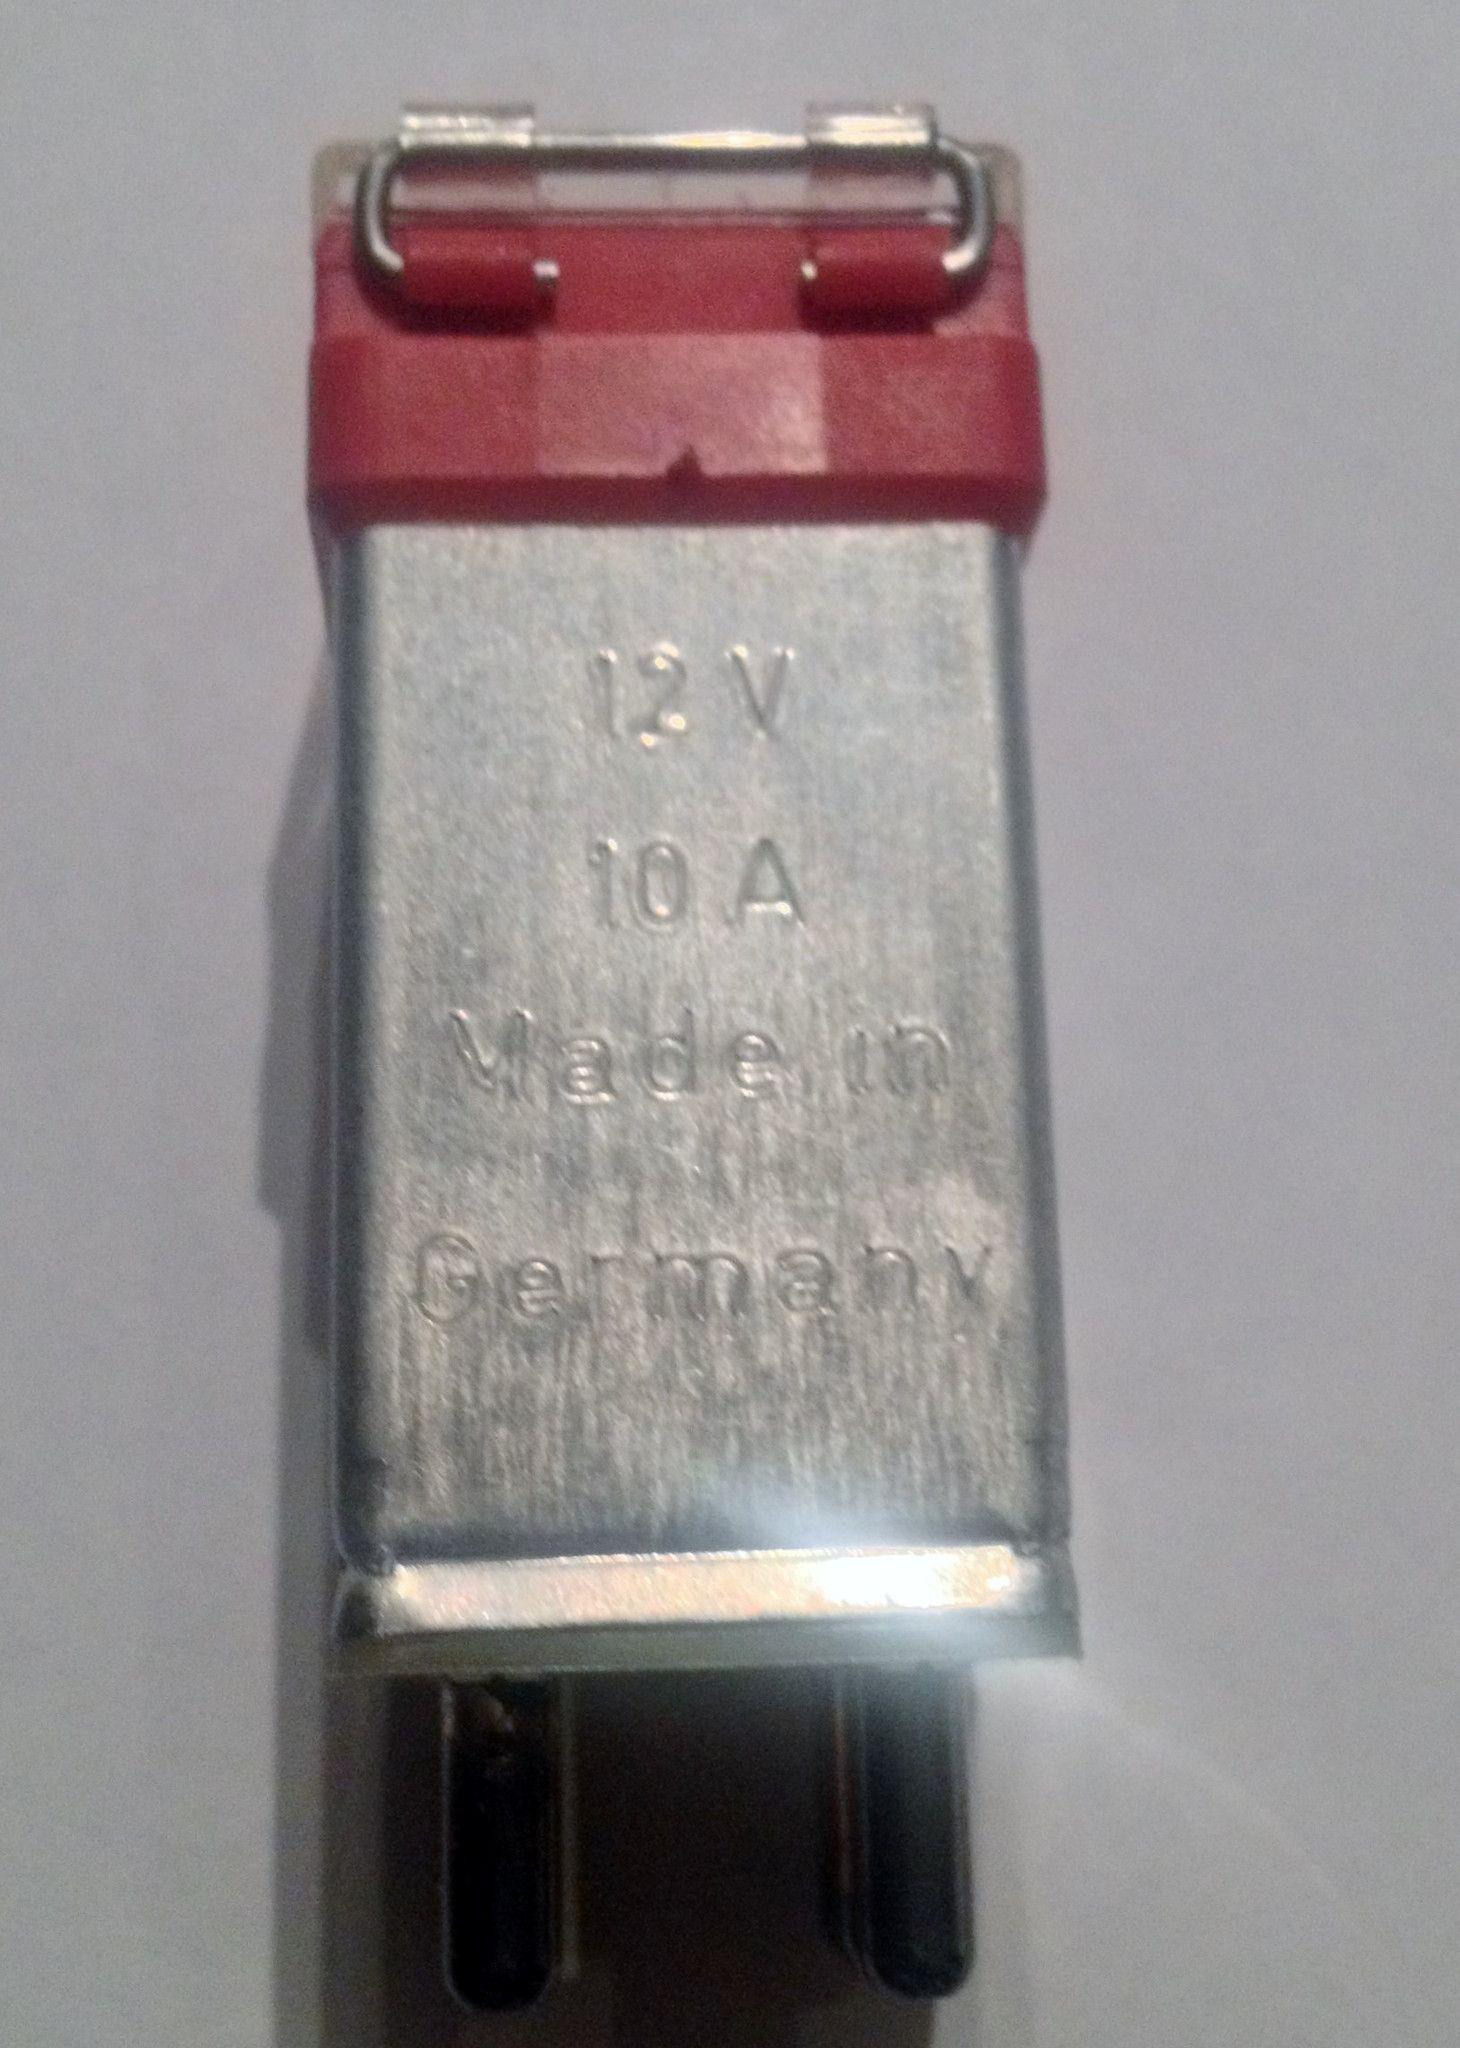 medium resolution of new genuine mercedes benz voltage overload safety fuse for fuel pump 280sl 280slc 380sl 380slc 500sl 500slc 560sl 300sd 380se 380sec 380sel 420sel 500sec